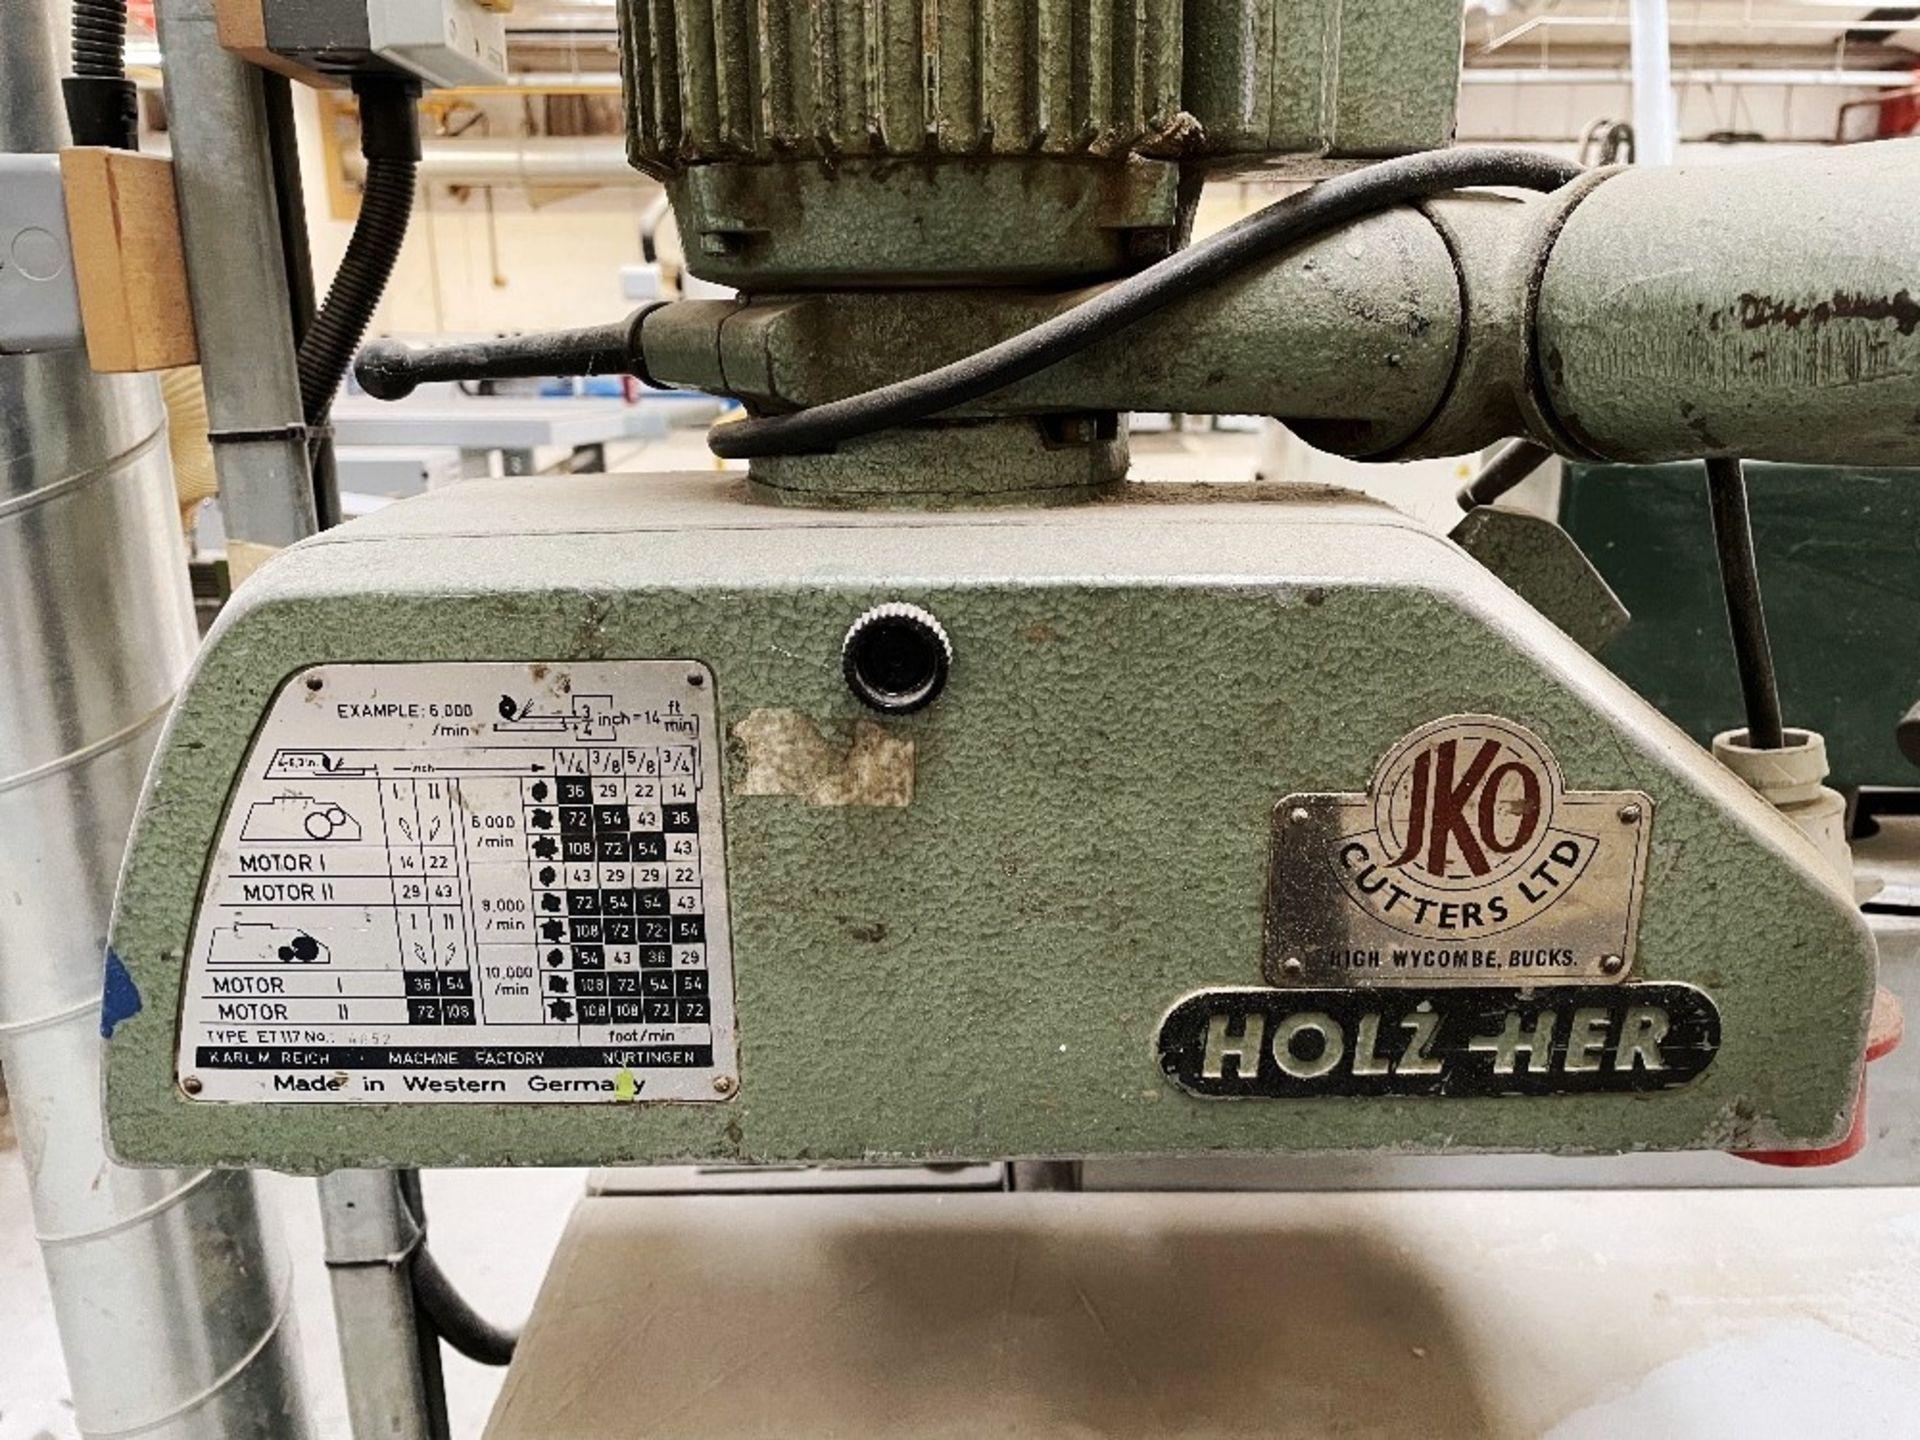 Felder FS 900KF Edge Sander w/ Holz-her Power Feed   YOM: 2002 - Image 4 of 8